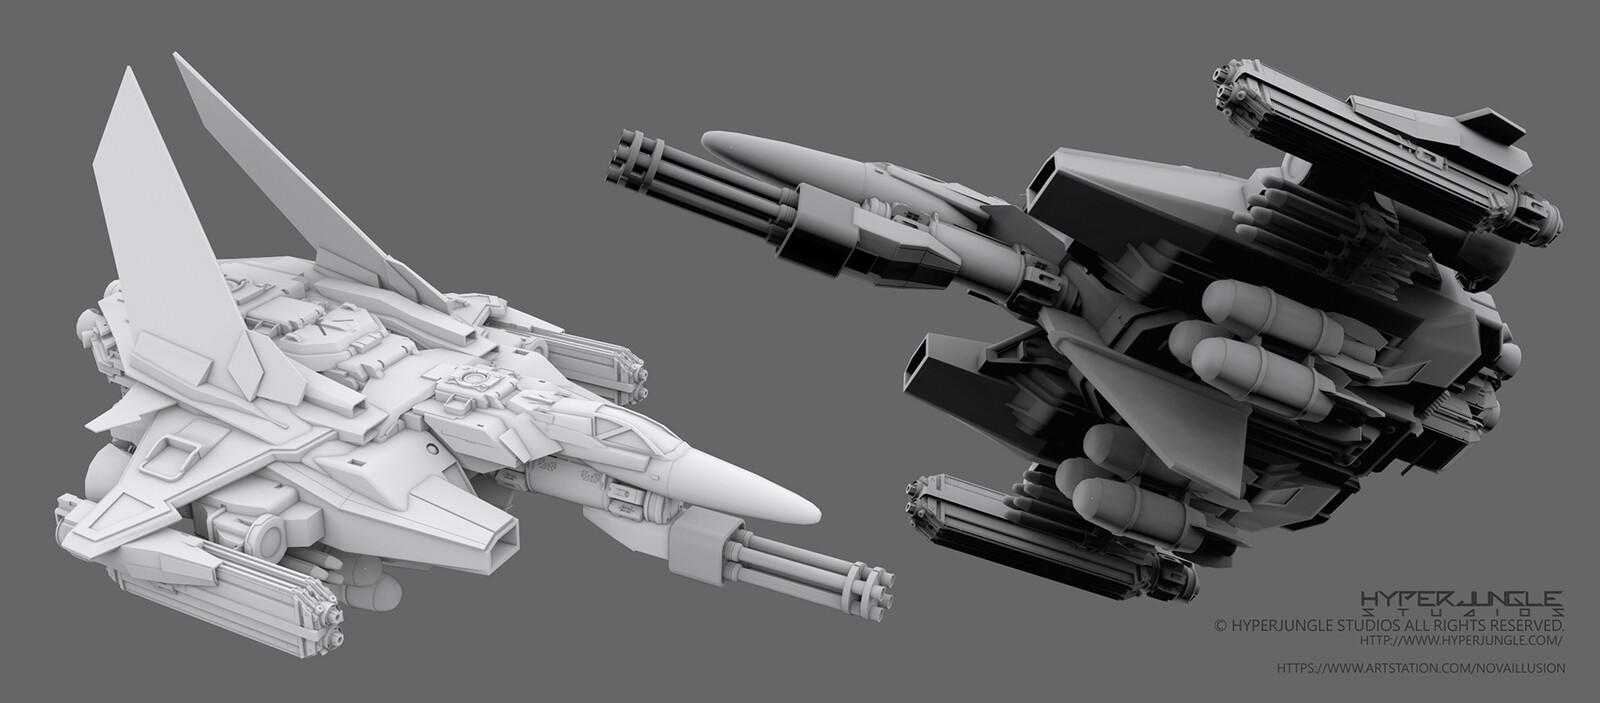 3D model of spaceship